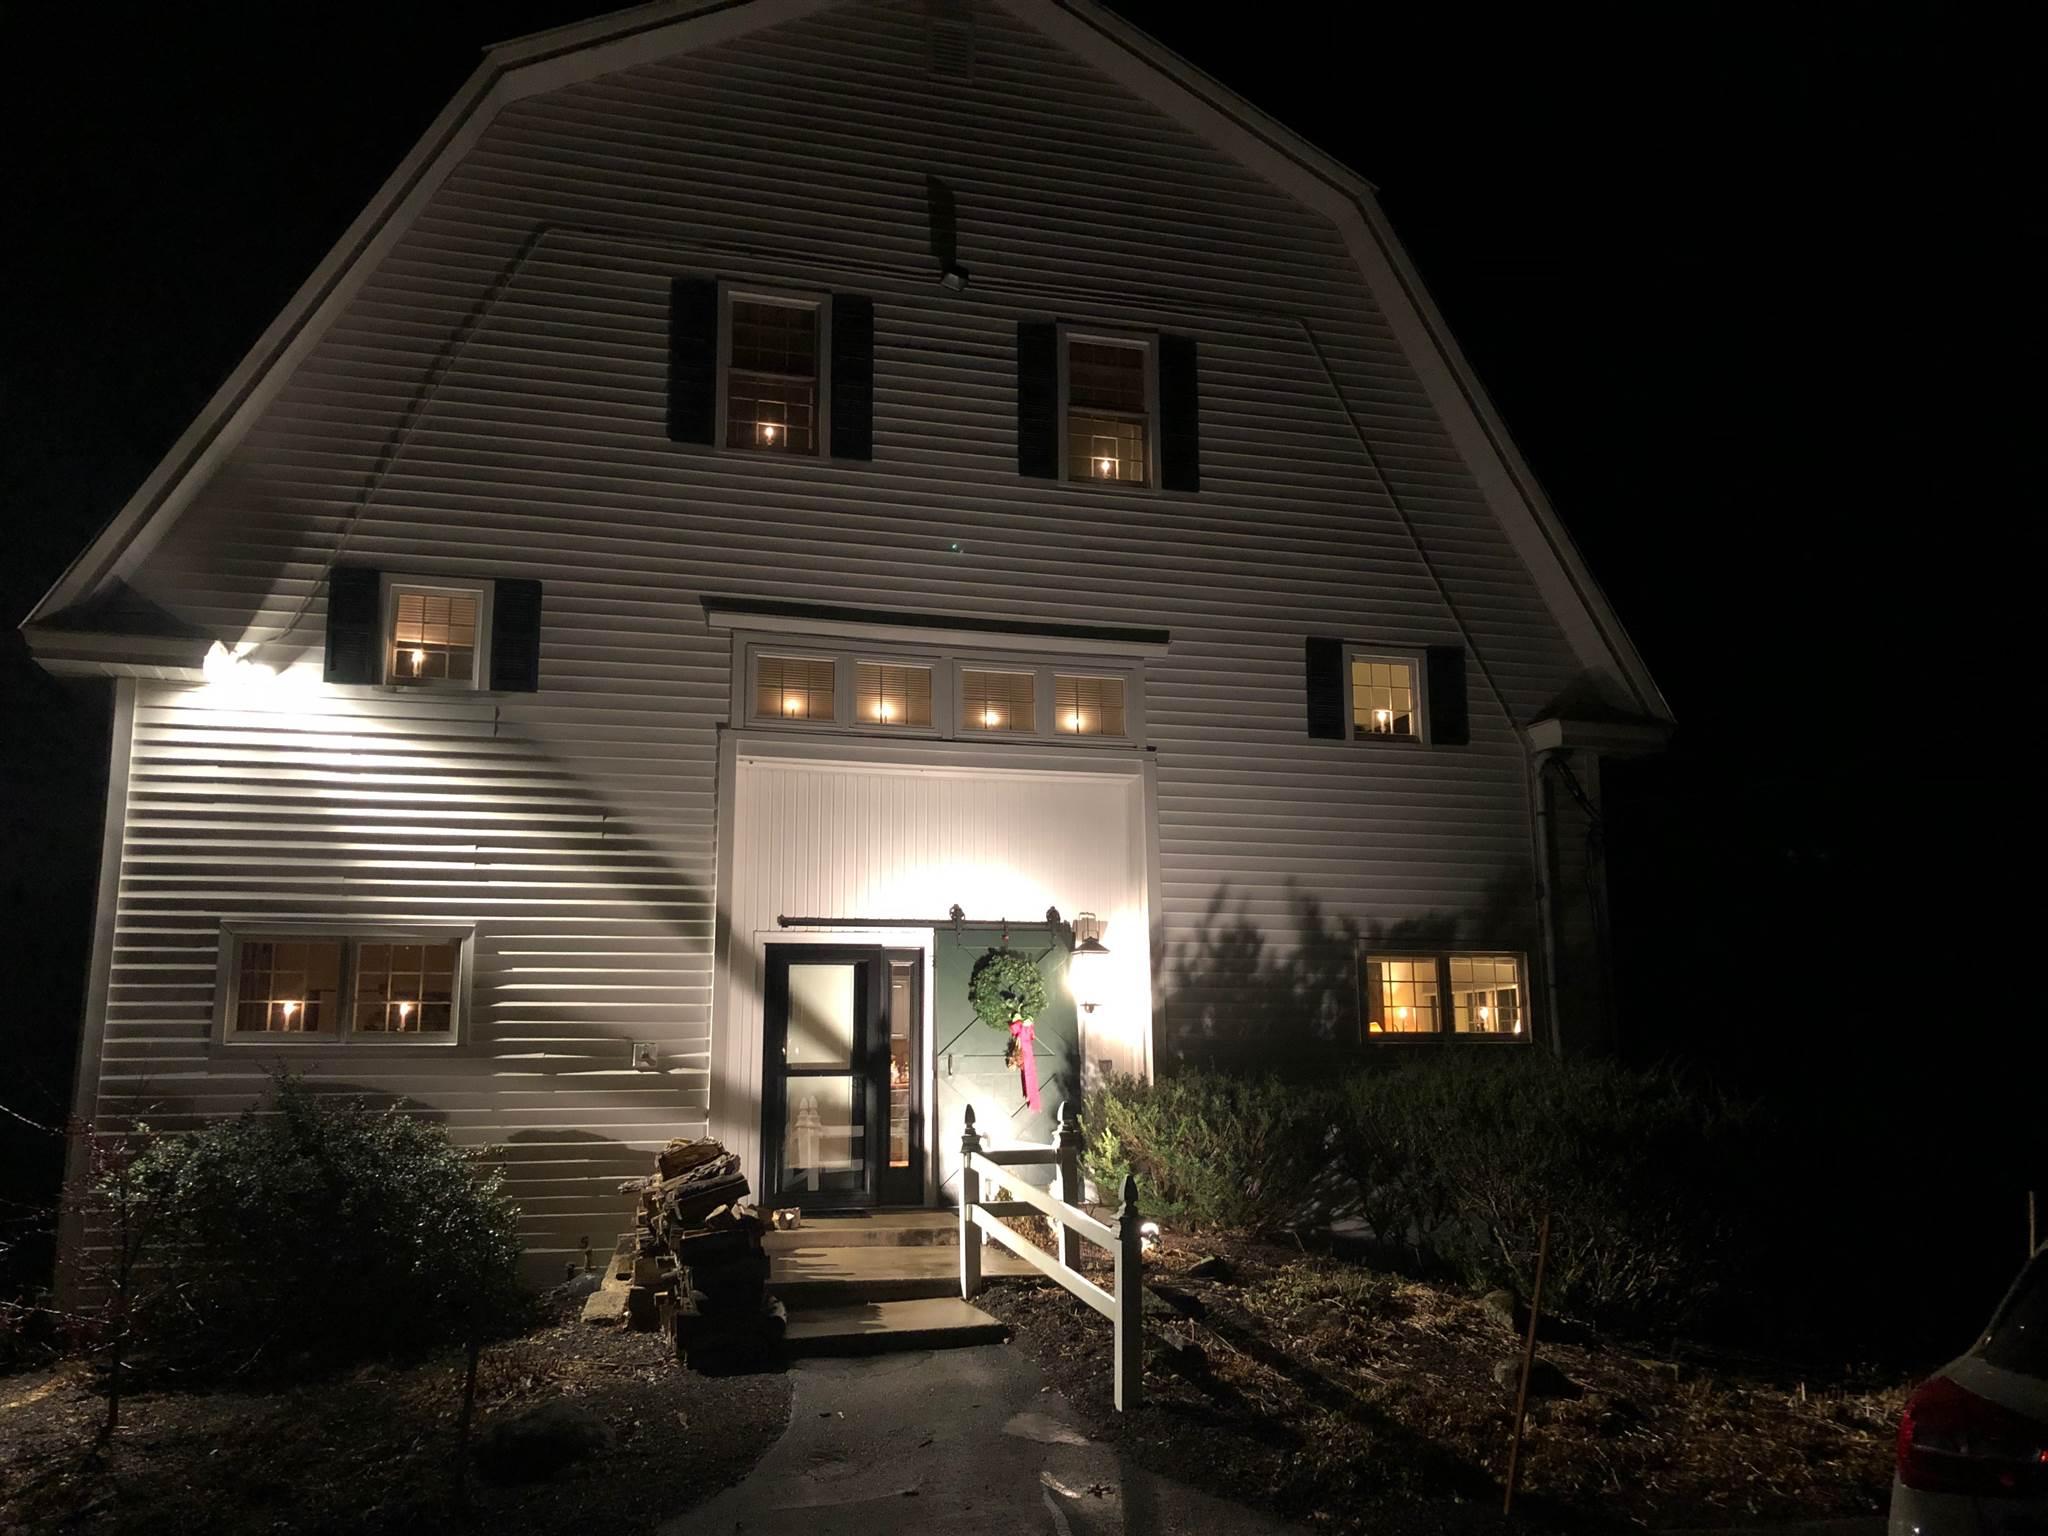 Photo of 2 Farmhouse Lane Wolfeboro NH 03894